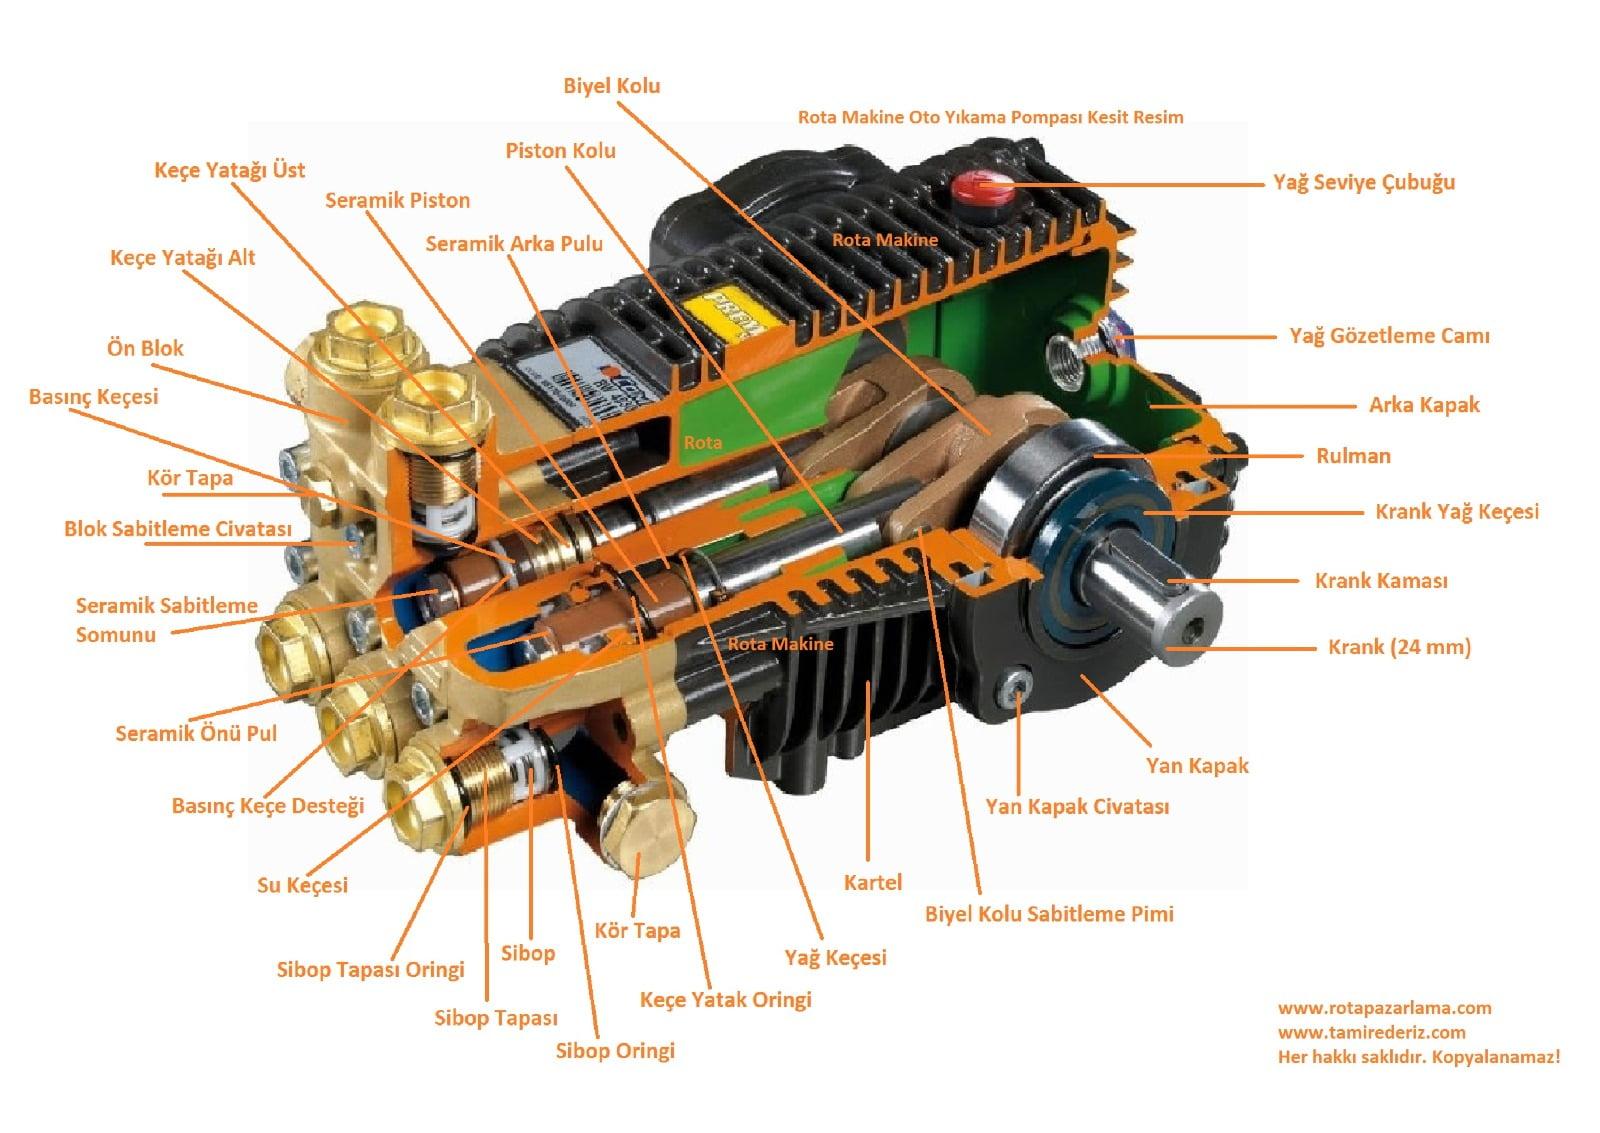 yikama pompasi kesit comet - Basınçlı Yıkama Makinesi Yedek Parçaları